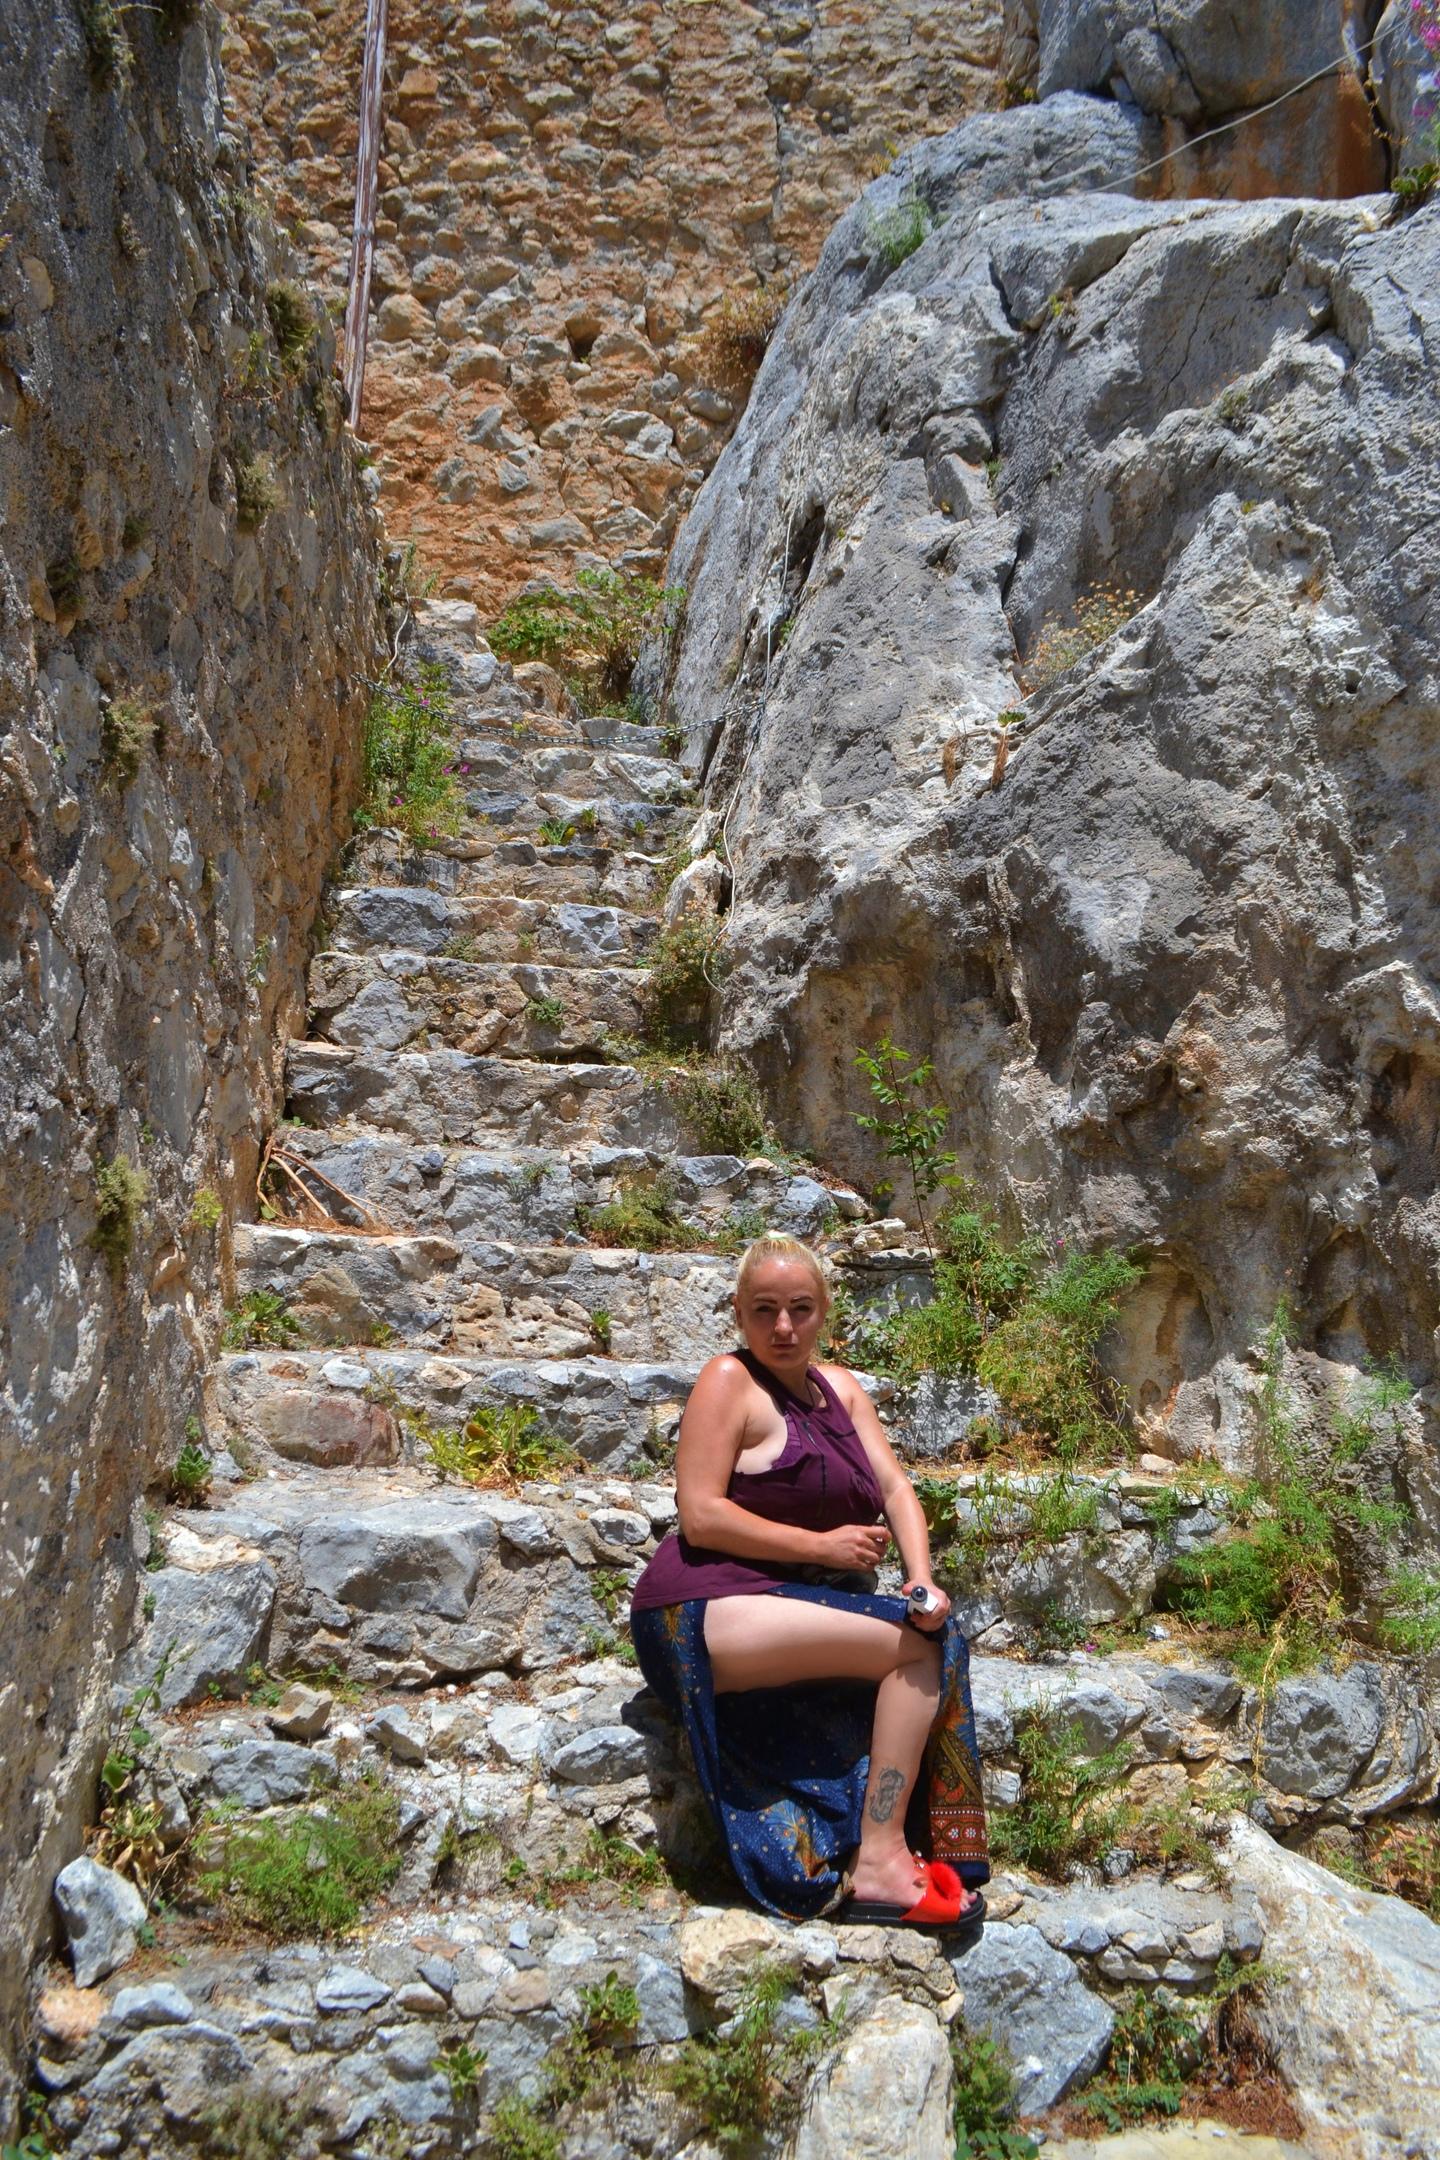 Северный Кипр. Замок Святого Иллариона. (фото). Zvrc40EcpDo